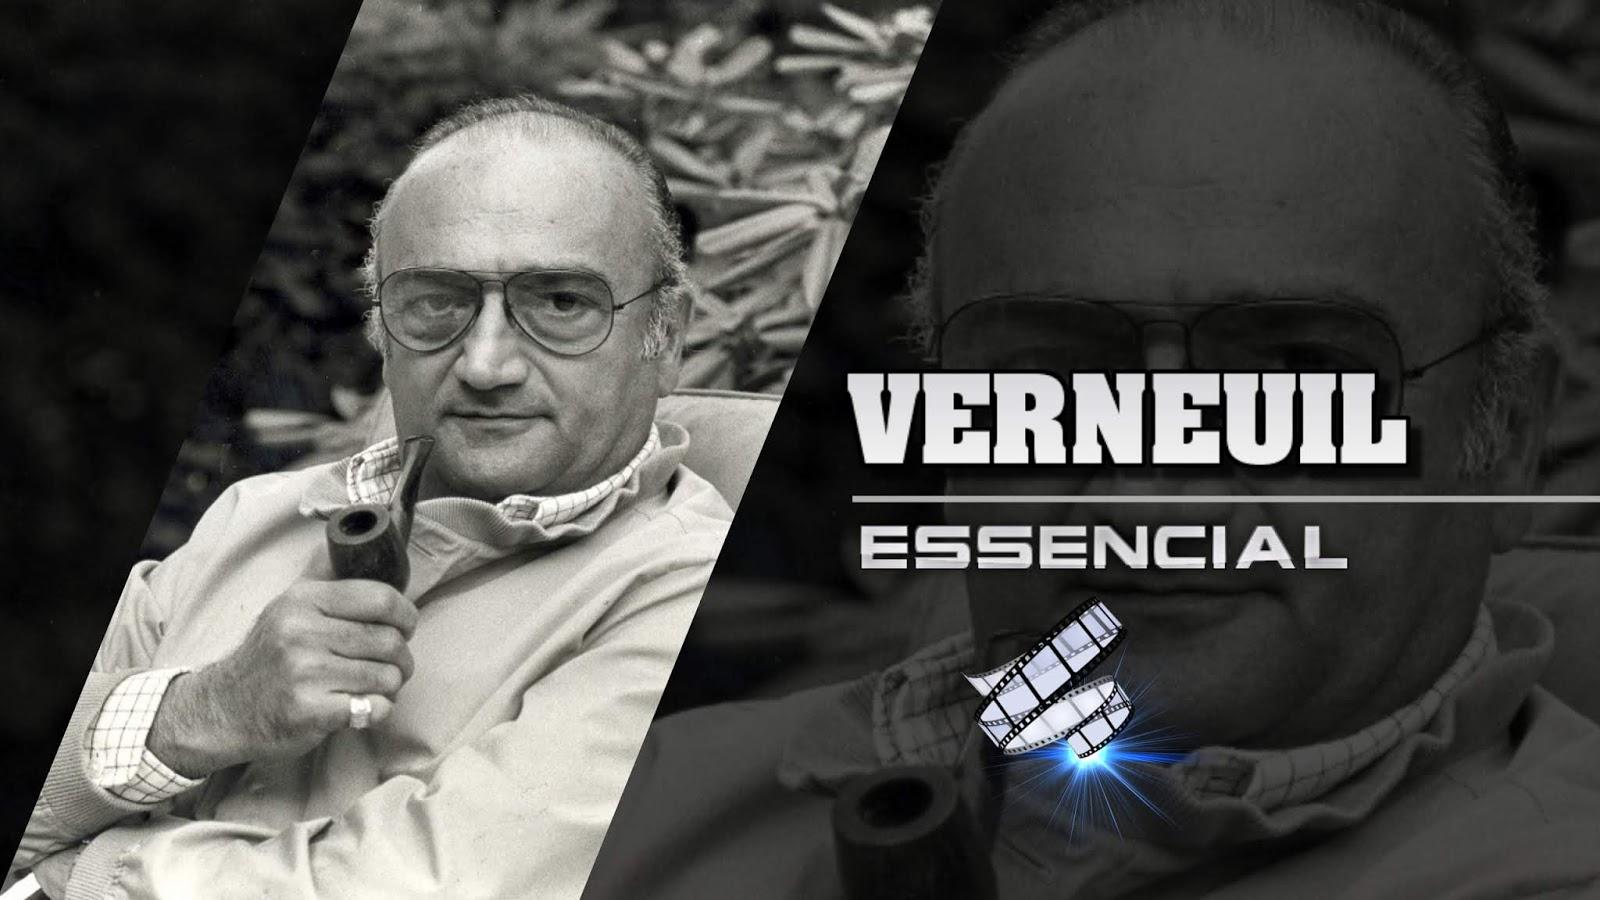 henri-verneuil-10-filmes-essenciais